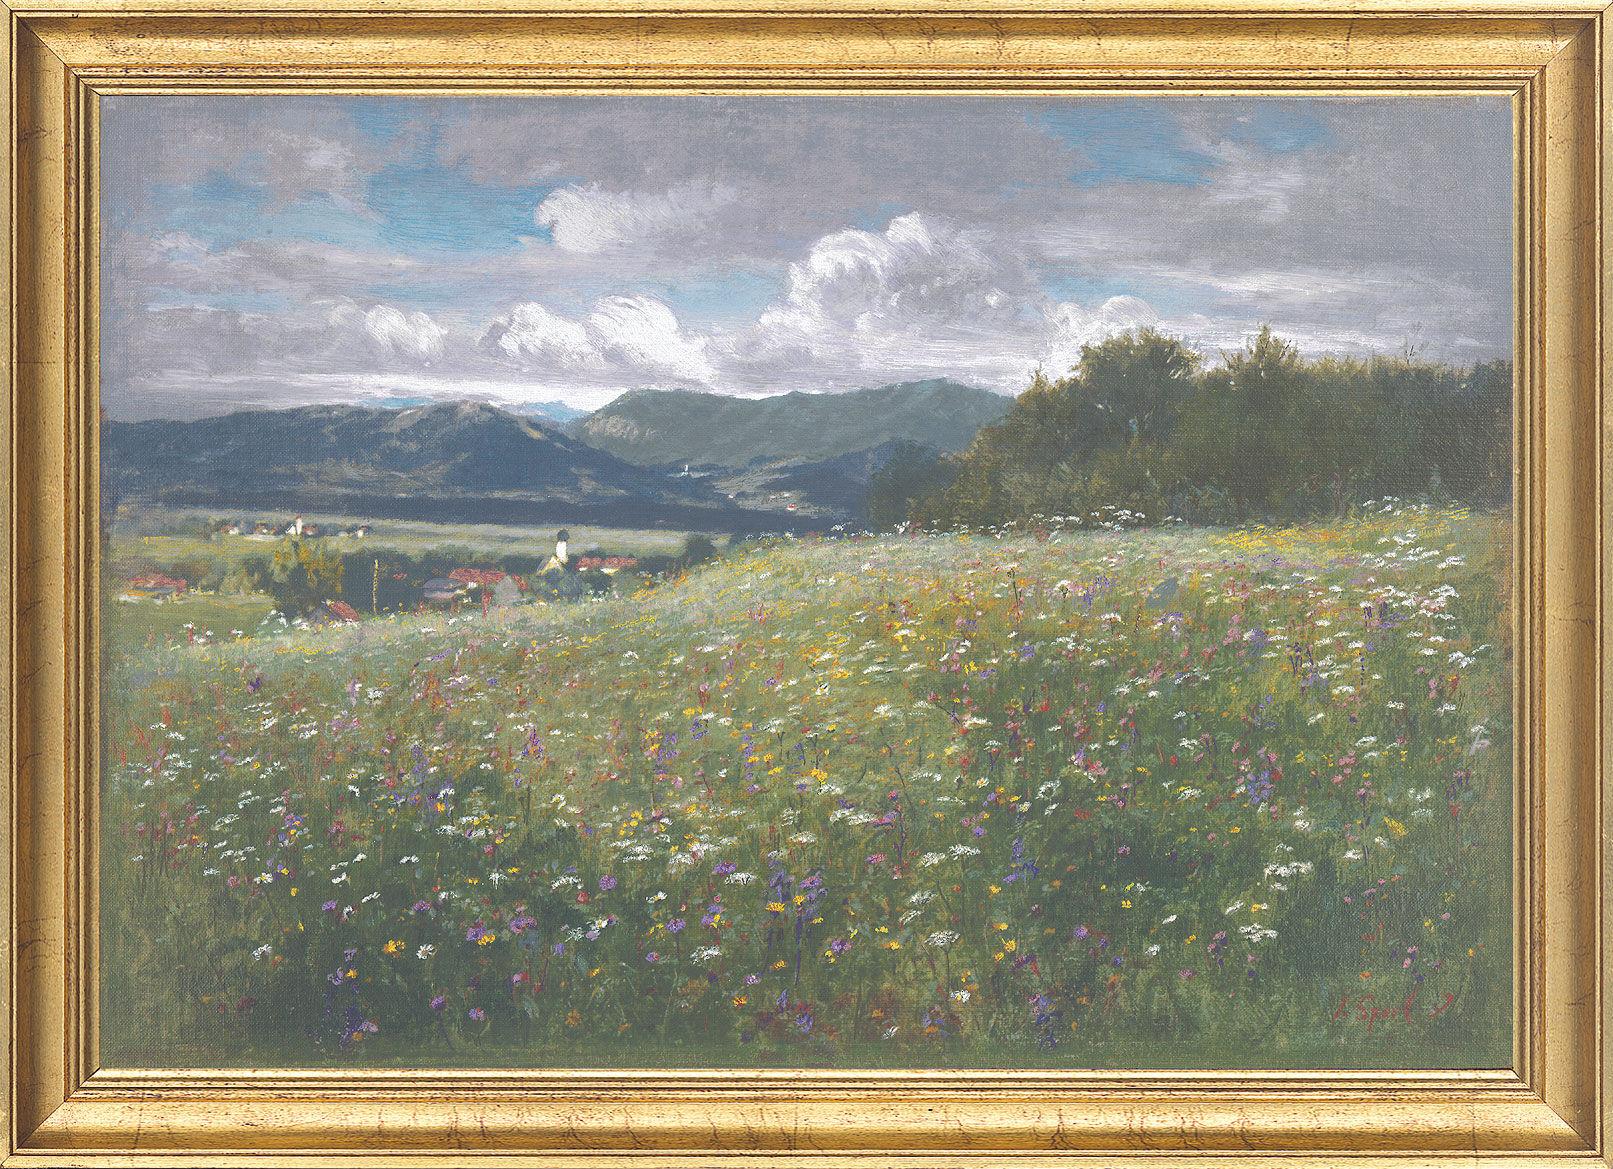 Painting 'Flowering Meadow' (1907)